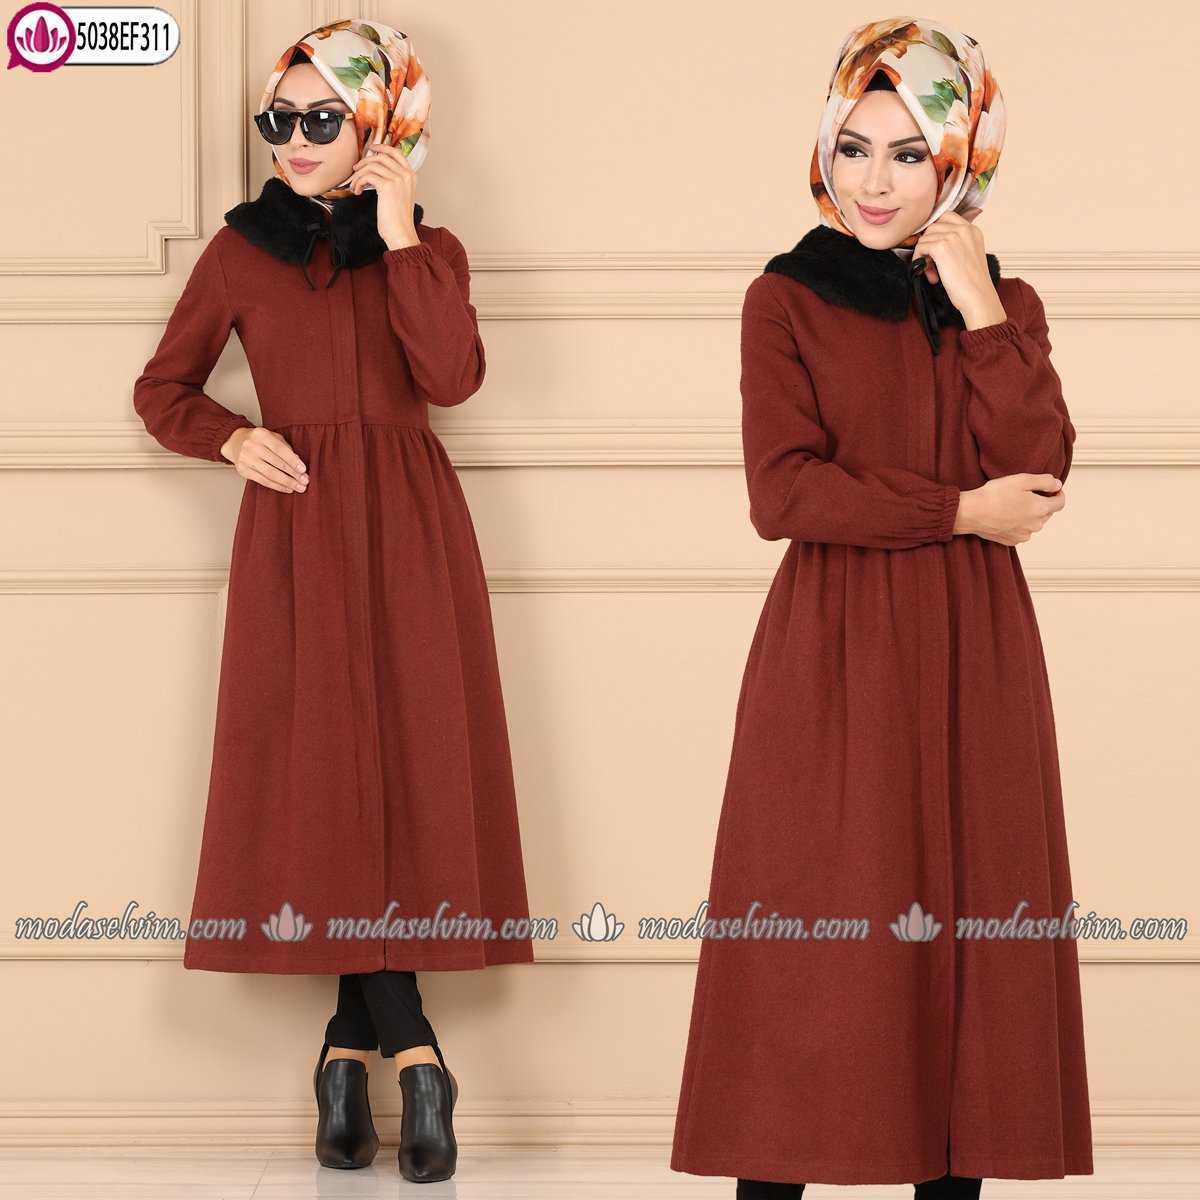 ModaSelvim Sonbahar Kış Tesettür Modern Kıyafet Modelleri